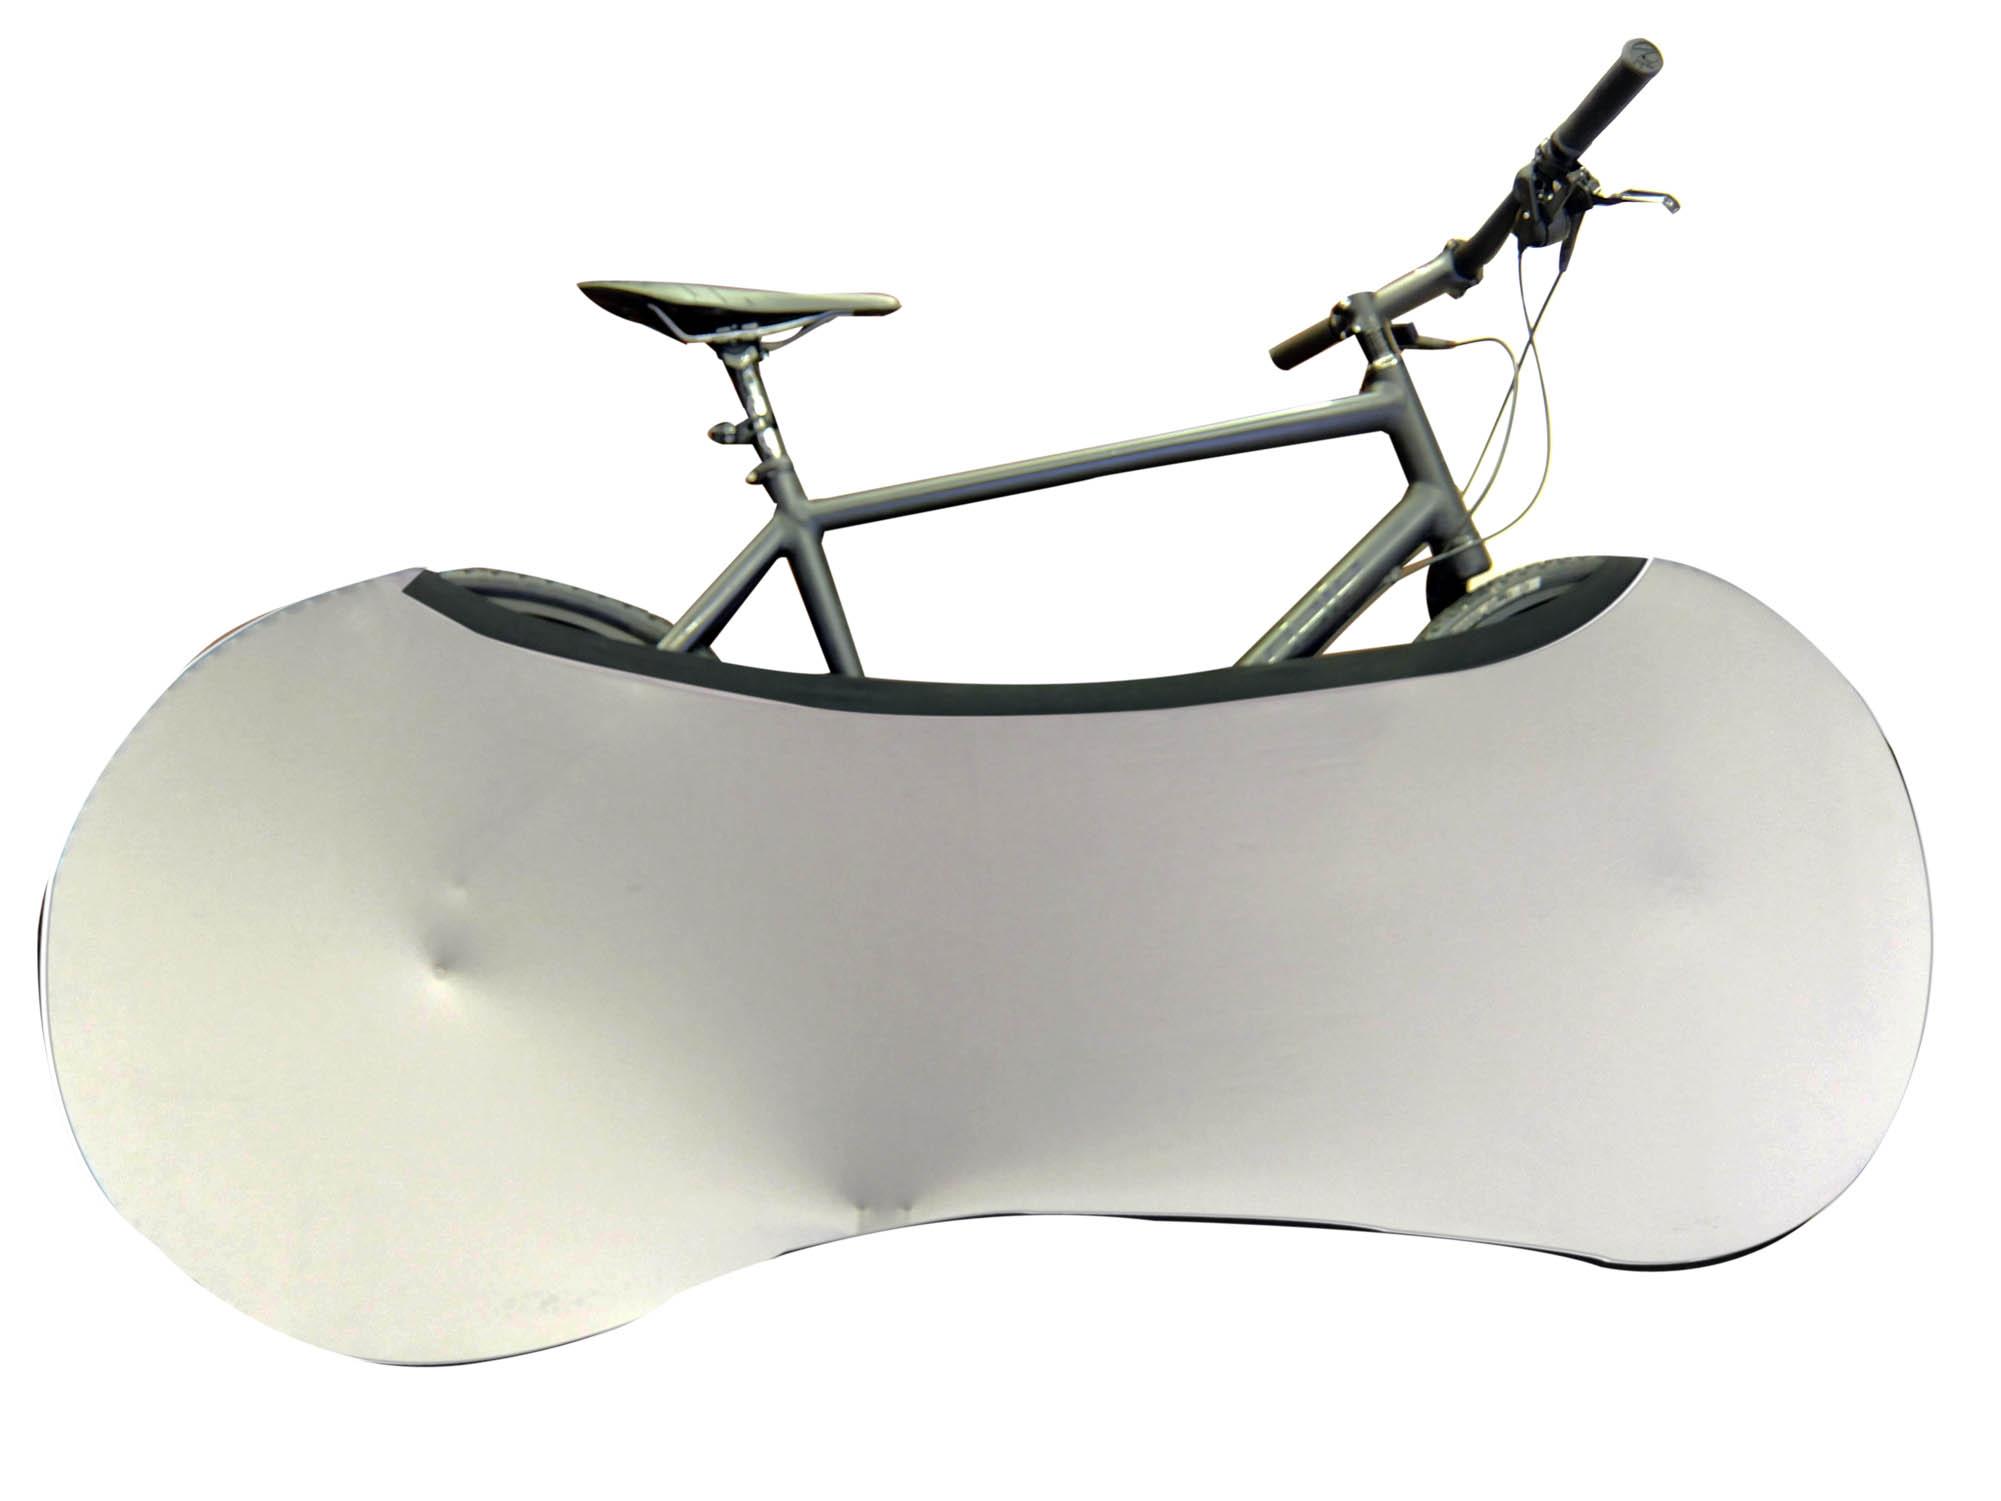 Чехол для велосипеда Welt Оптимум L Серый, Велосипеды - арт. 844450390